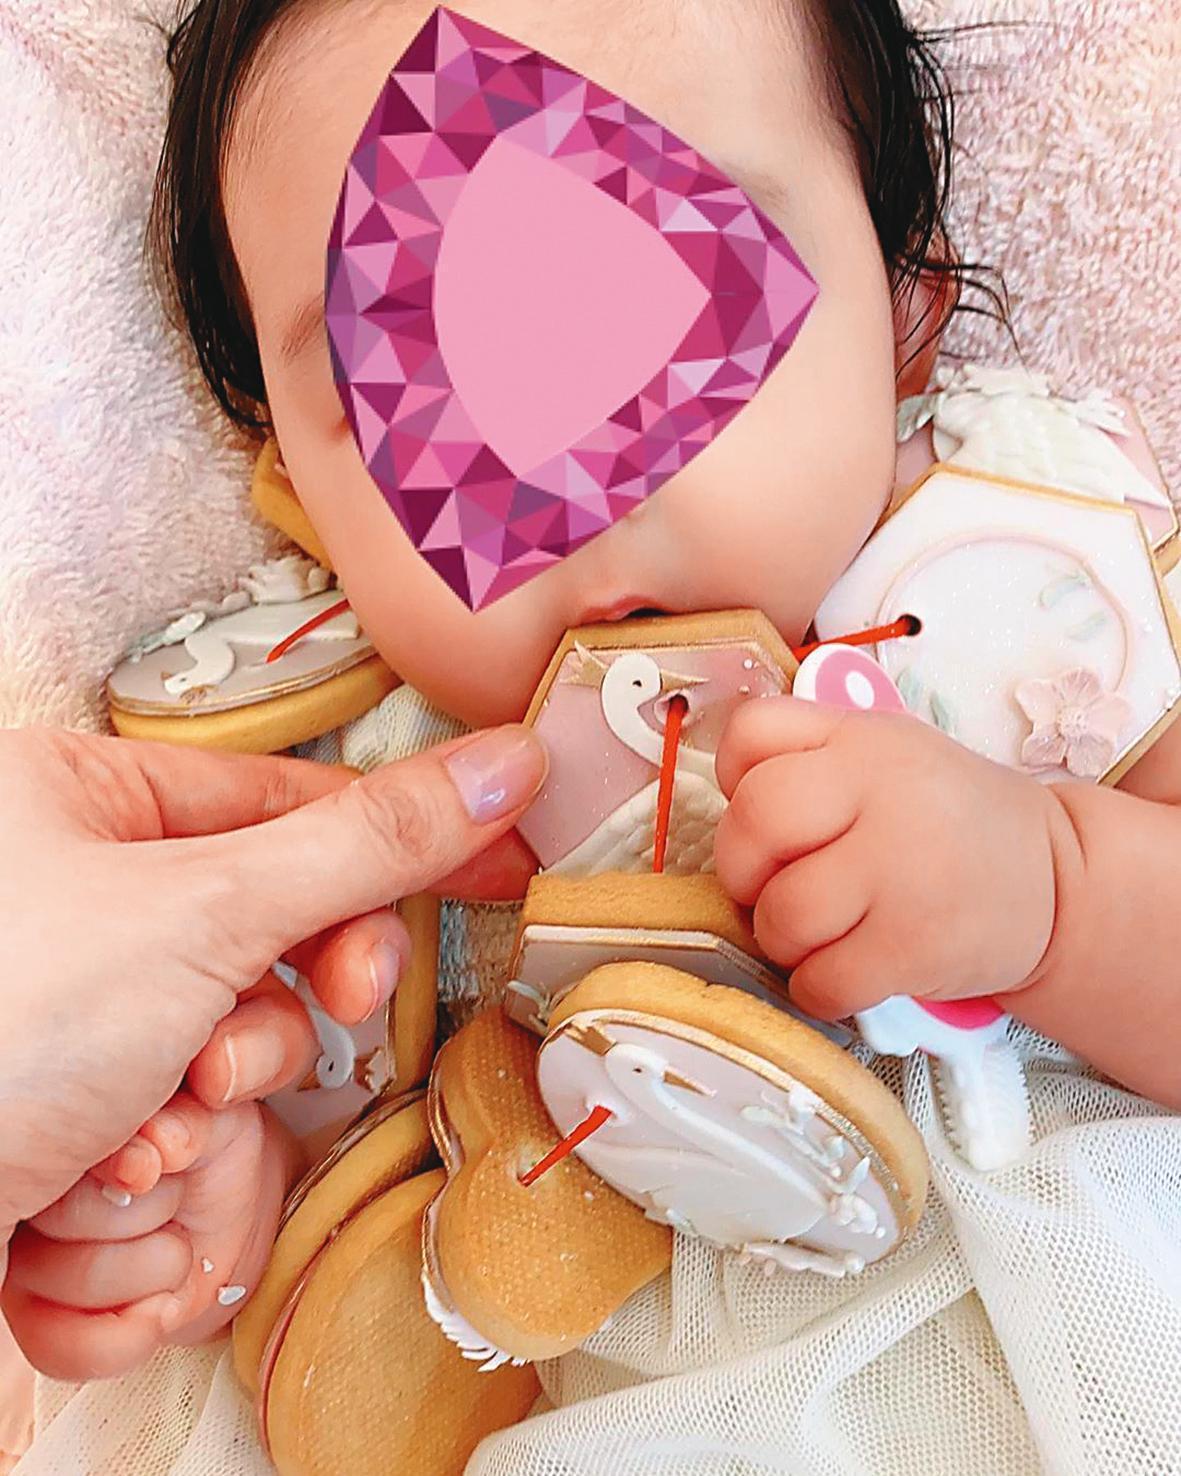 因小女兒Hailey出生滿4個月,吳佩慈在家幫她舉辦收涎儀式。(翻攝自吳佩慈IG)